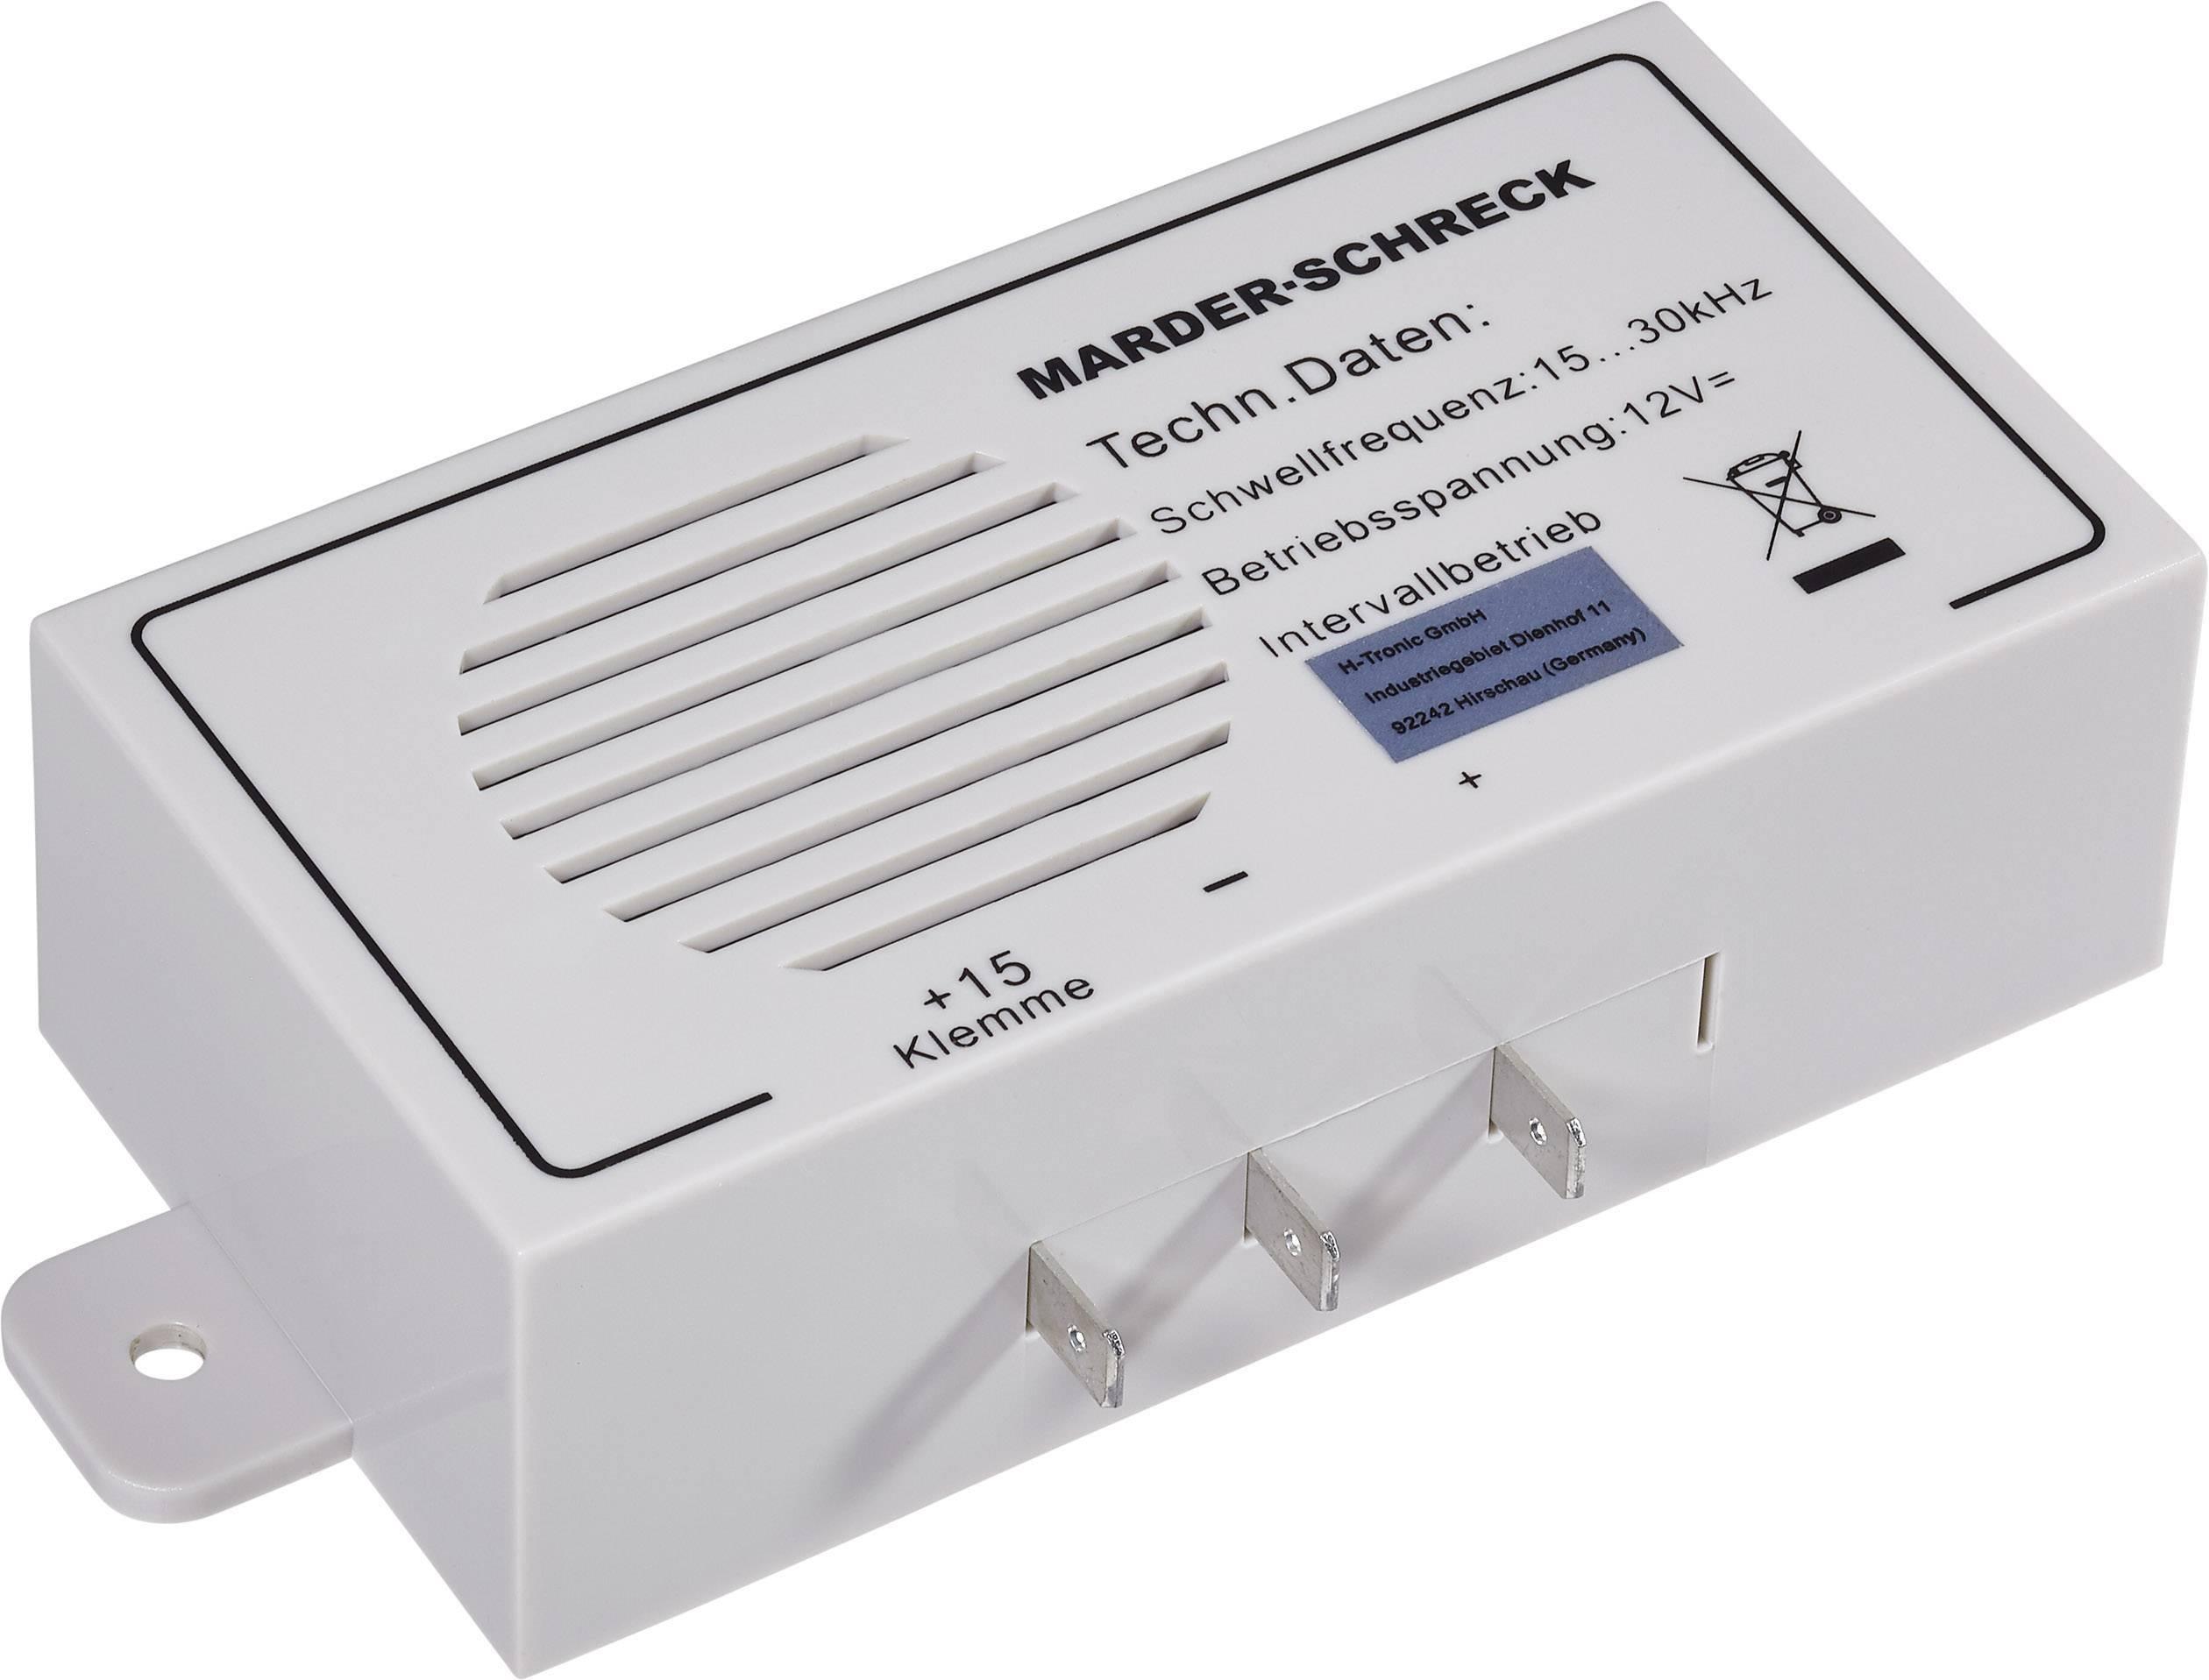 Odpuzovač kun H-Tronic, 8 - 18 V/DC, dosah 15 m, 20 - 30 kHz (modul)